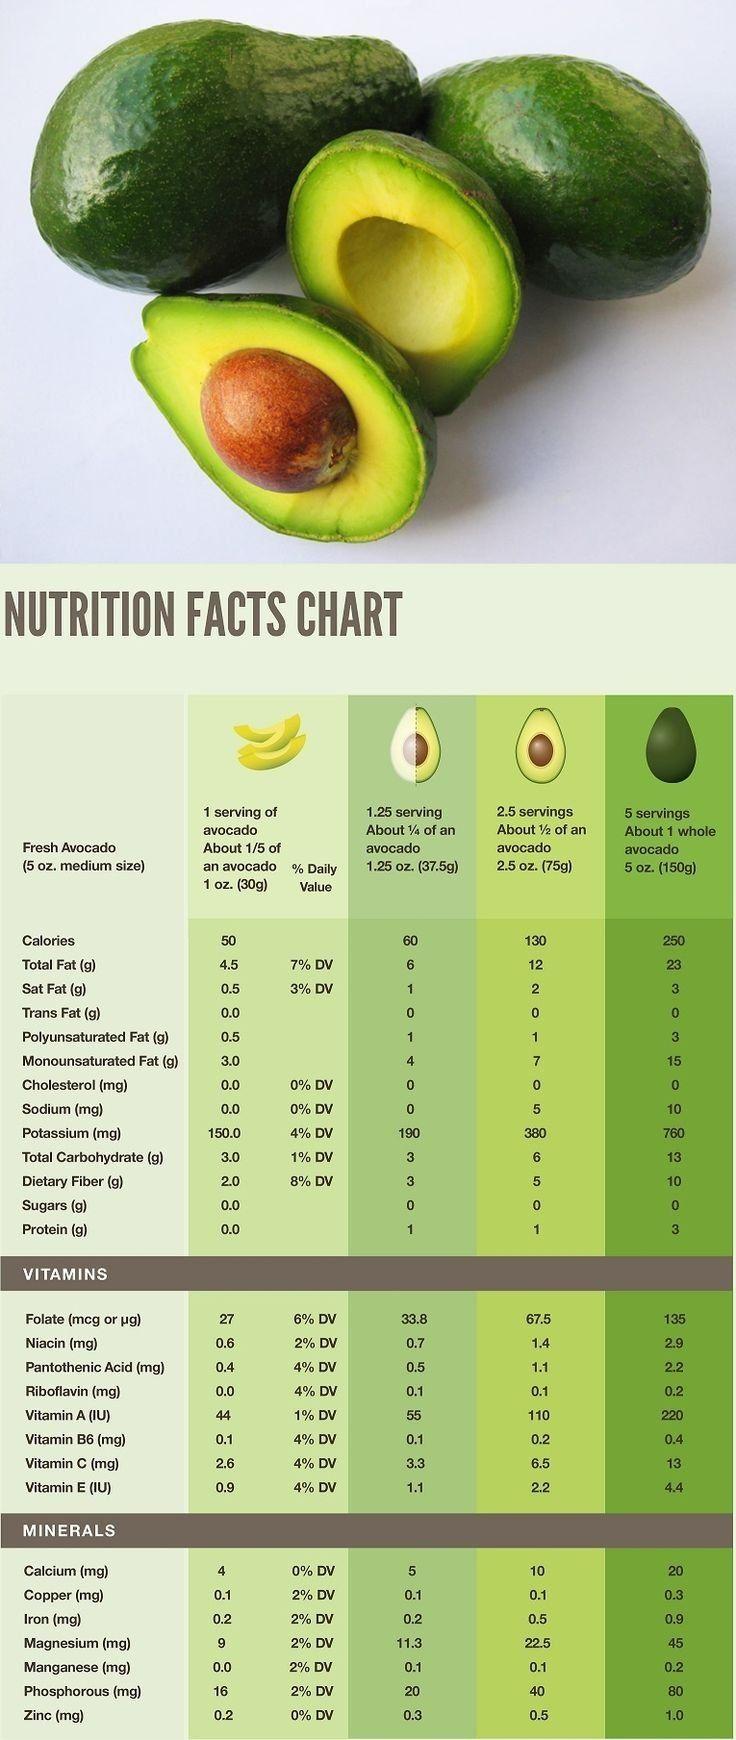 Health Benefits of Avocados - Avocados for Diabetes